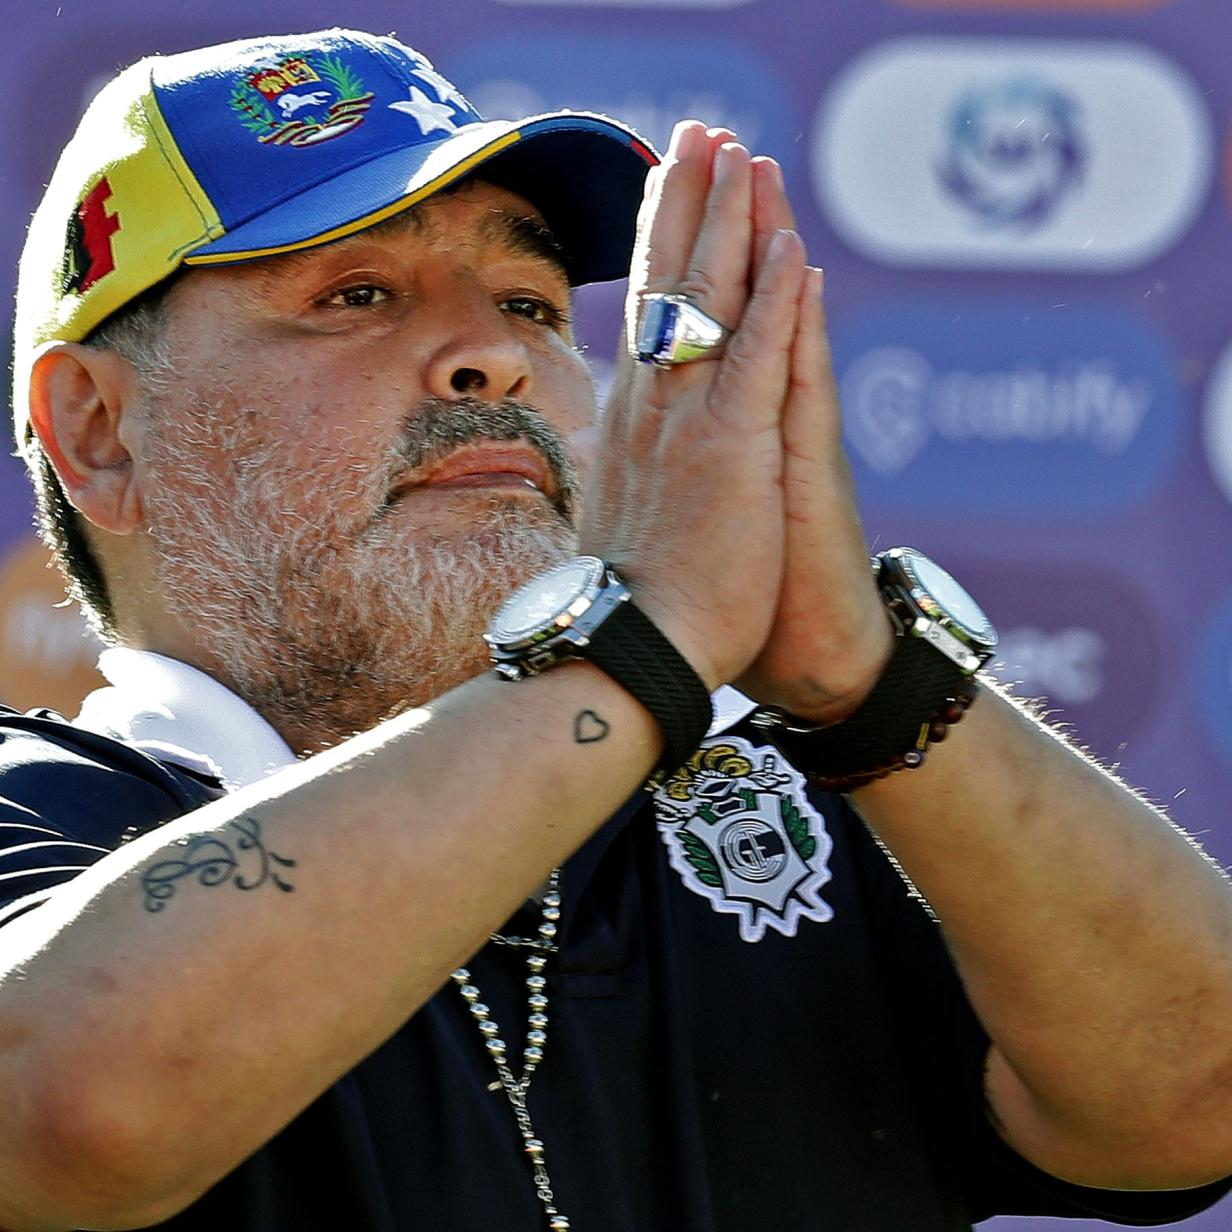 Nach nur zwei Monaten: Maradona trat als Trainer zurück